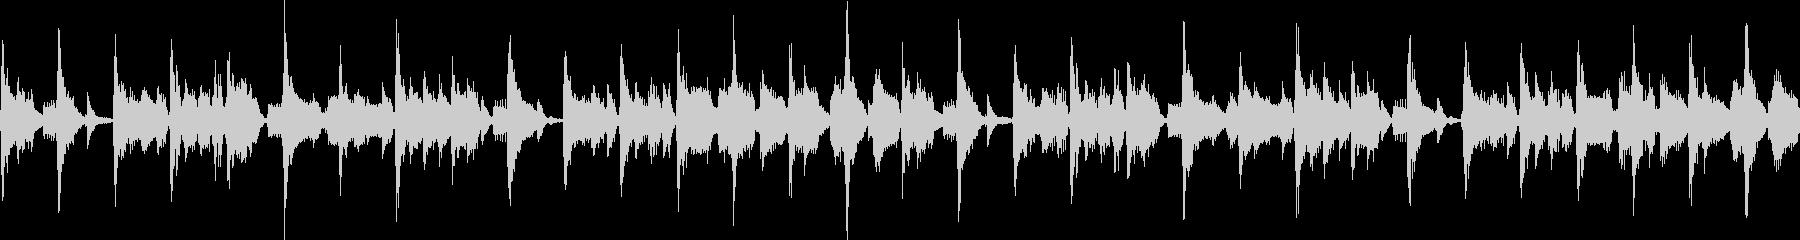 ノリの良いファンクジングル_ループの未再生の波形